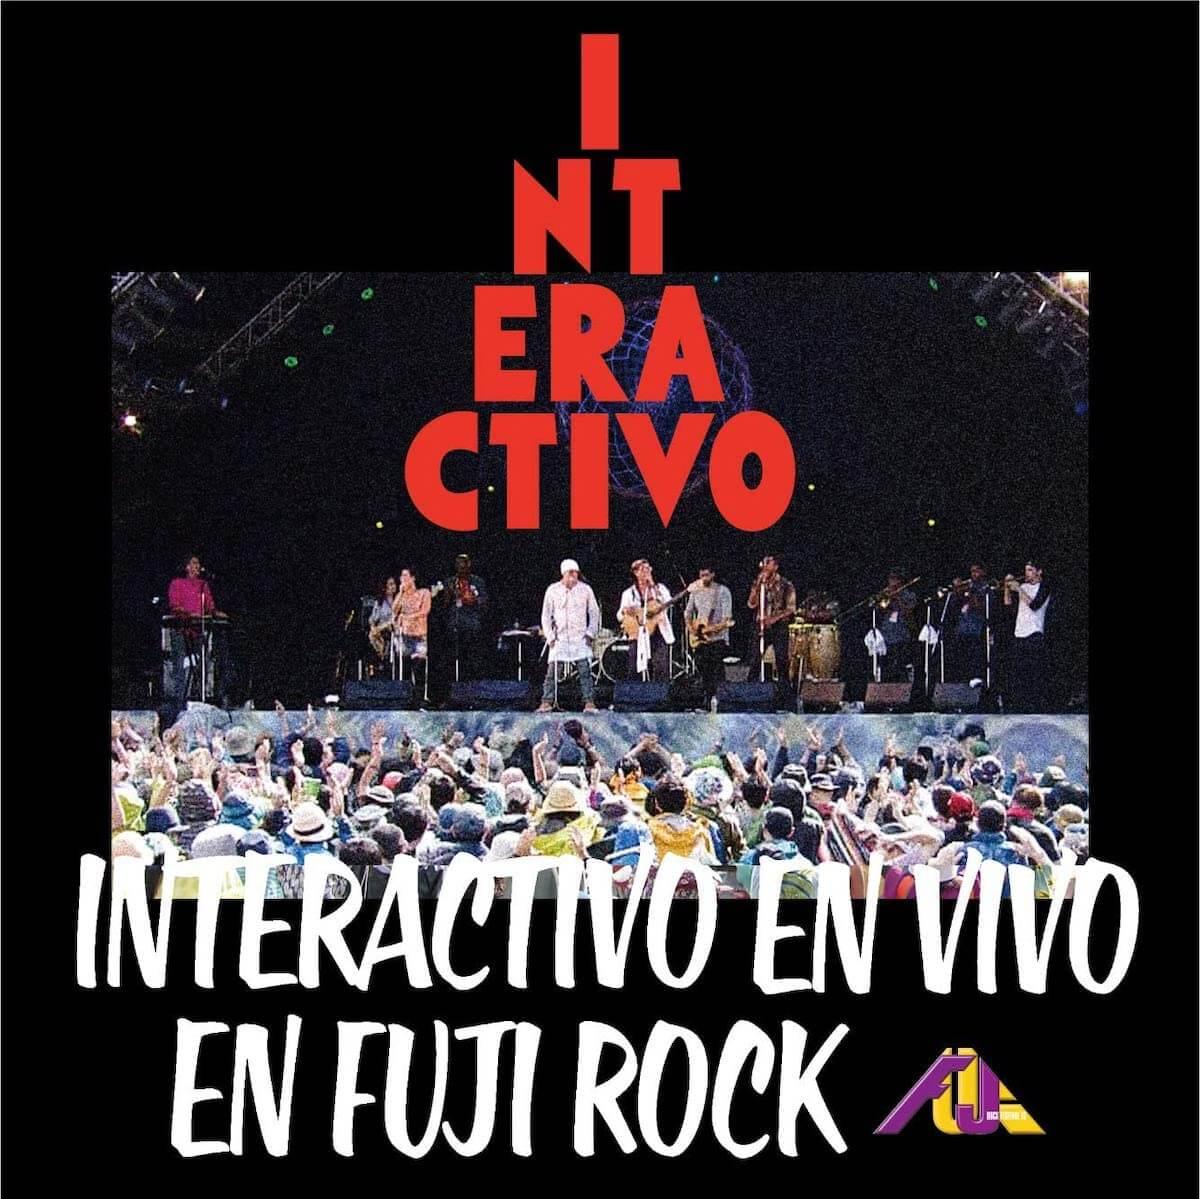 Interactivo-en-vivo-en-Fuji-Rock